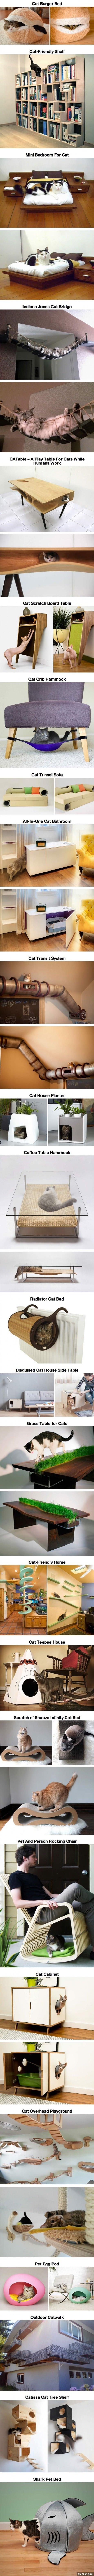 تصاميم مميزة لمفروشات بيوت محبي القطط